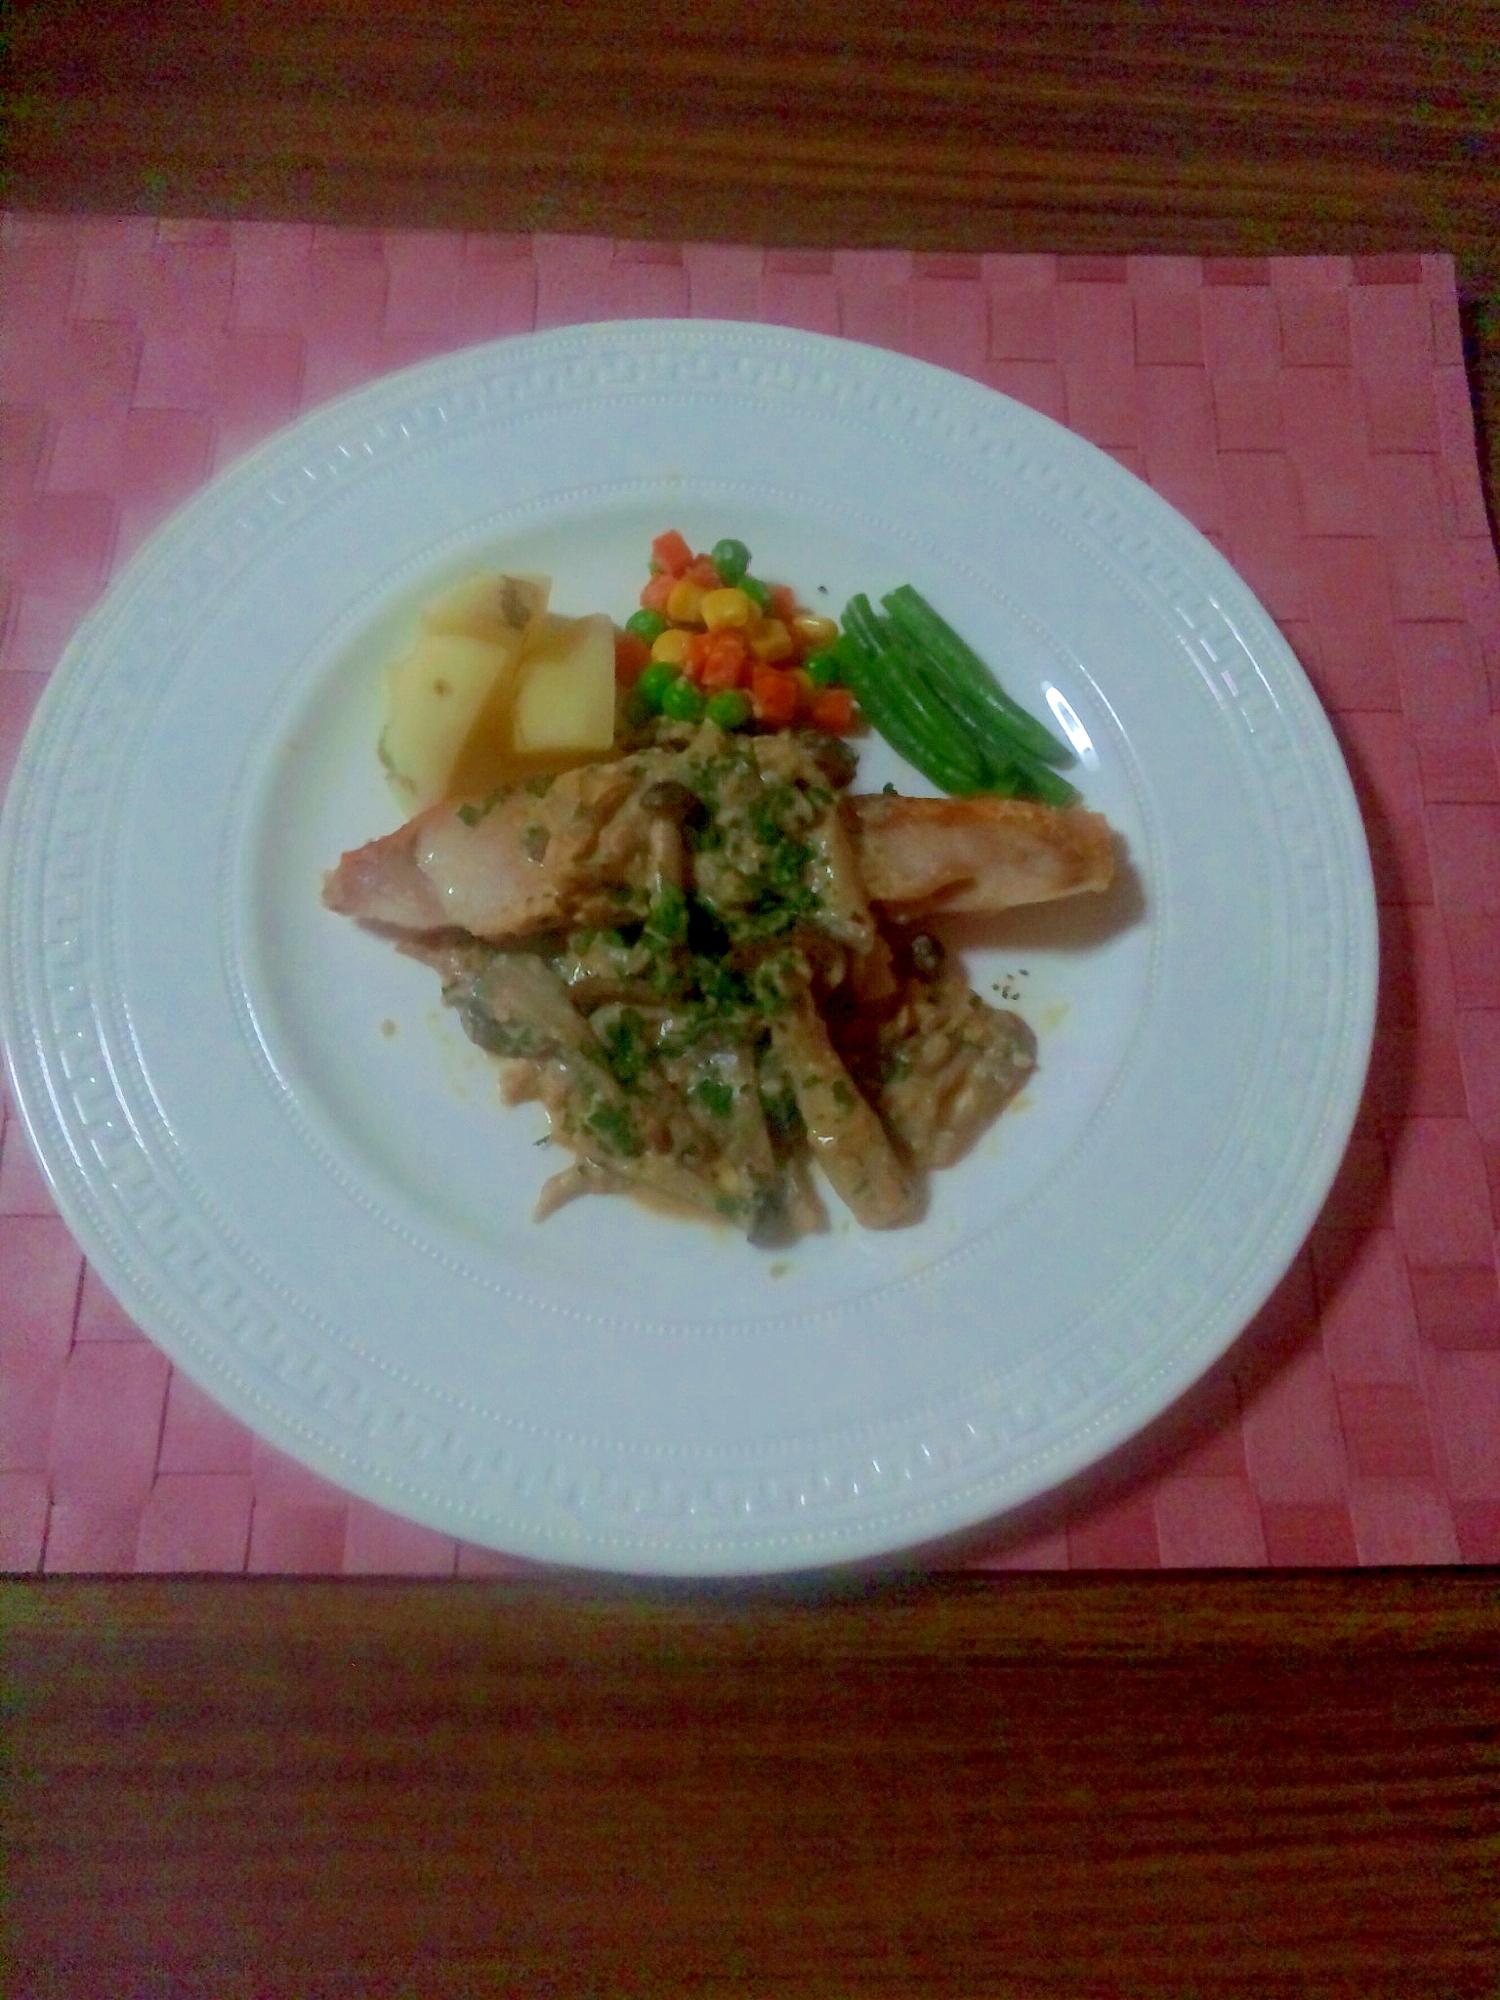 ヨウサマの『タニタ式』ダイエット食金目鯛のムニエル